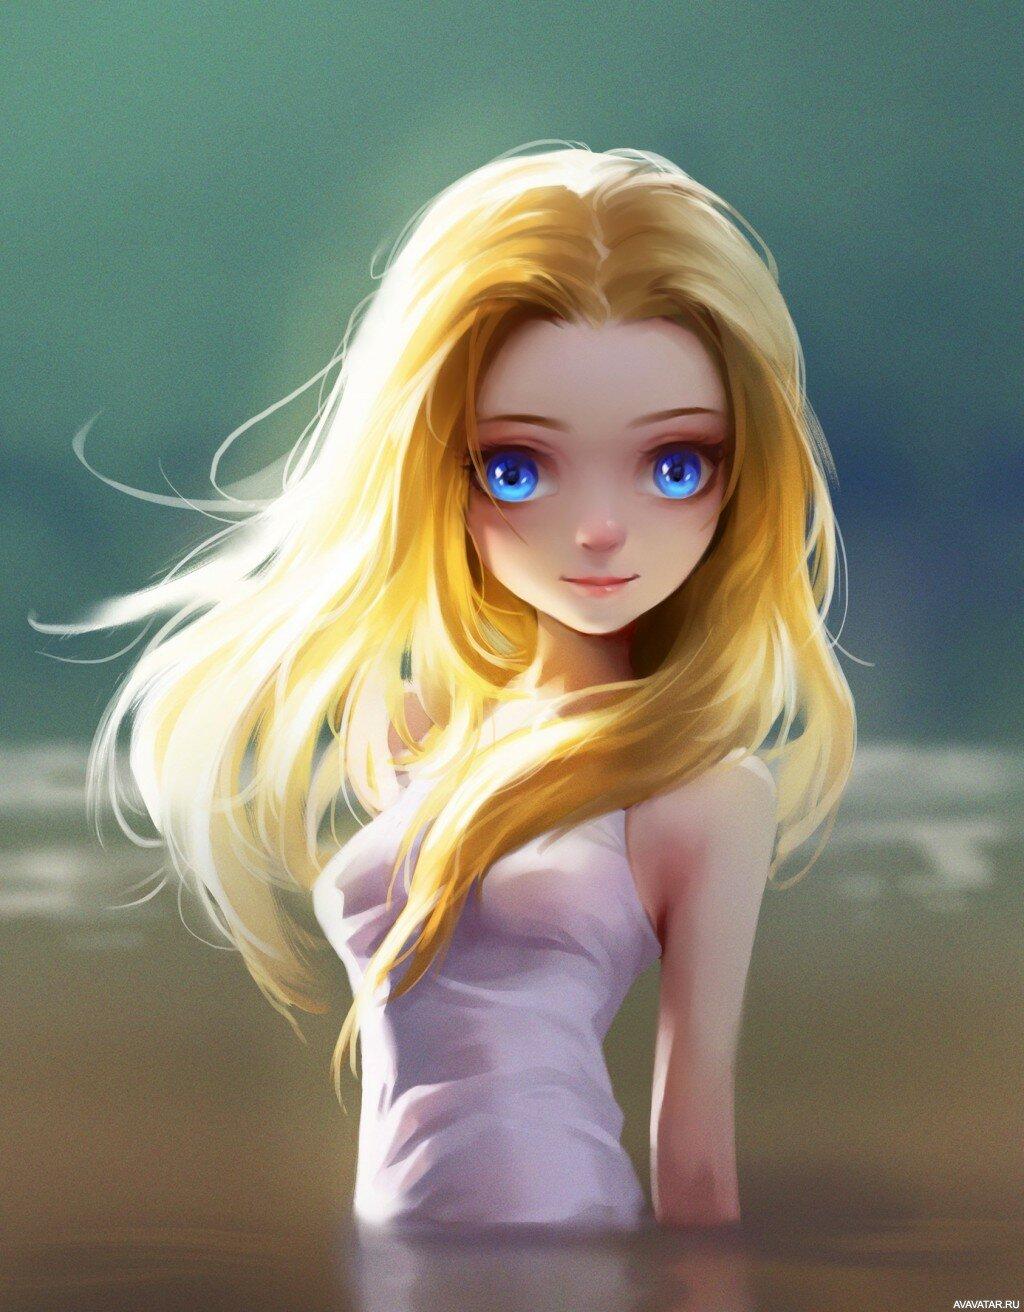 Яблочным спасом, картинки мультяшные девушки блондинки